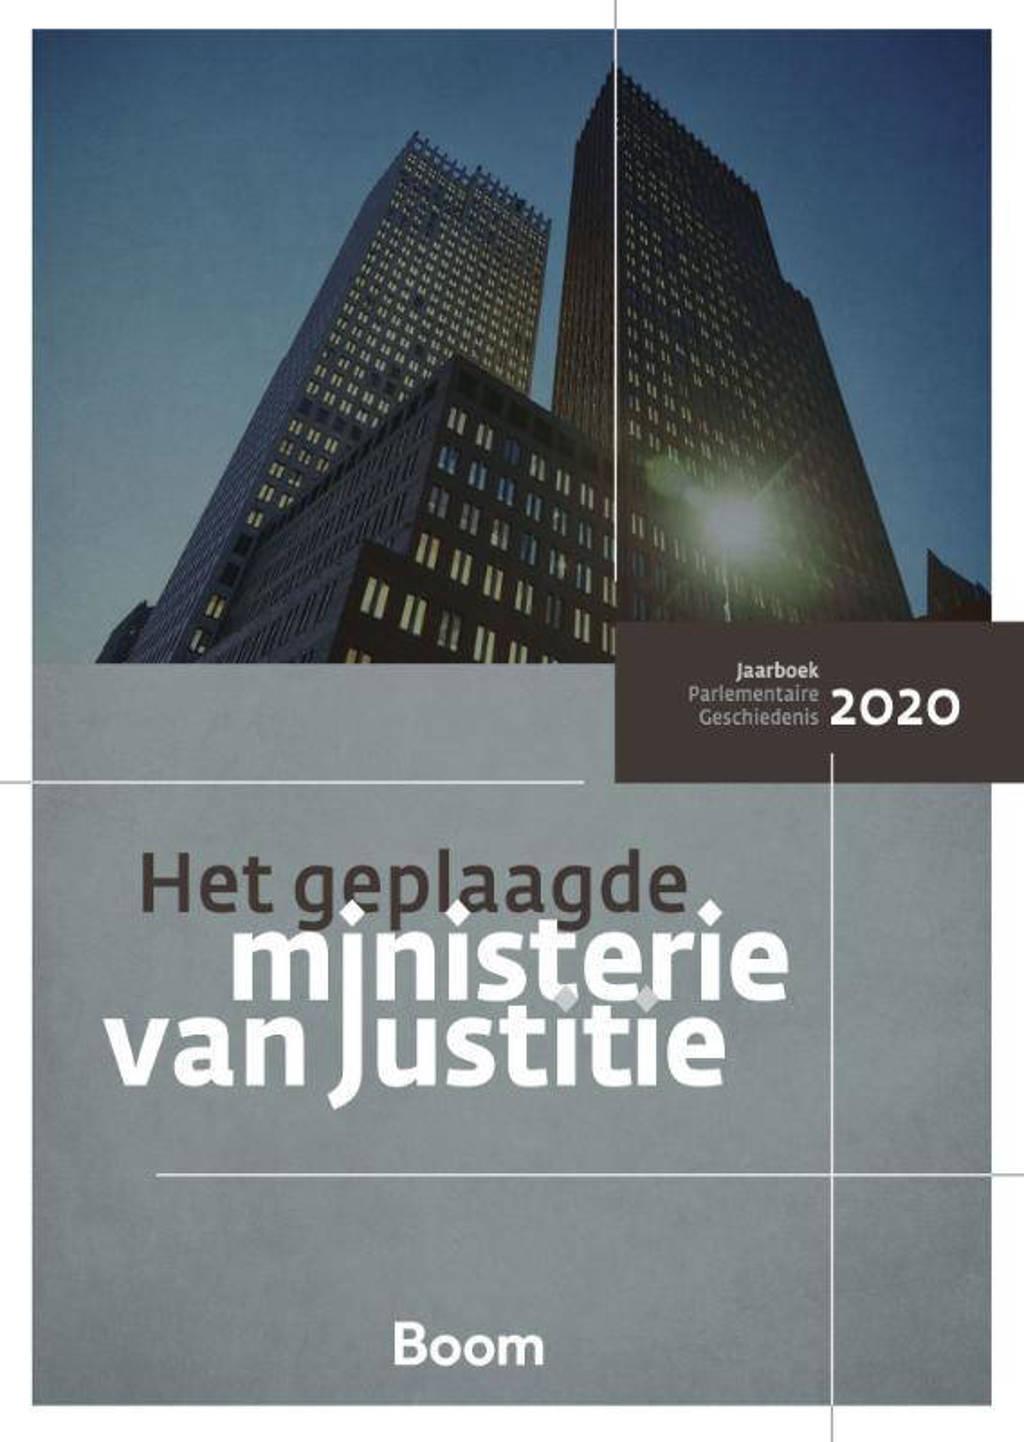 Het geplaagde ministerie van Justitie 2020 - Centrum voor Parlementaire Geschiedenis